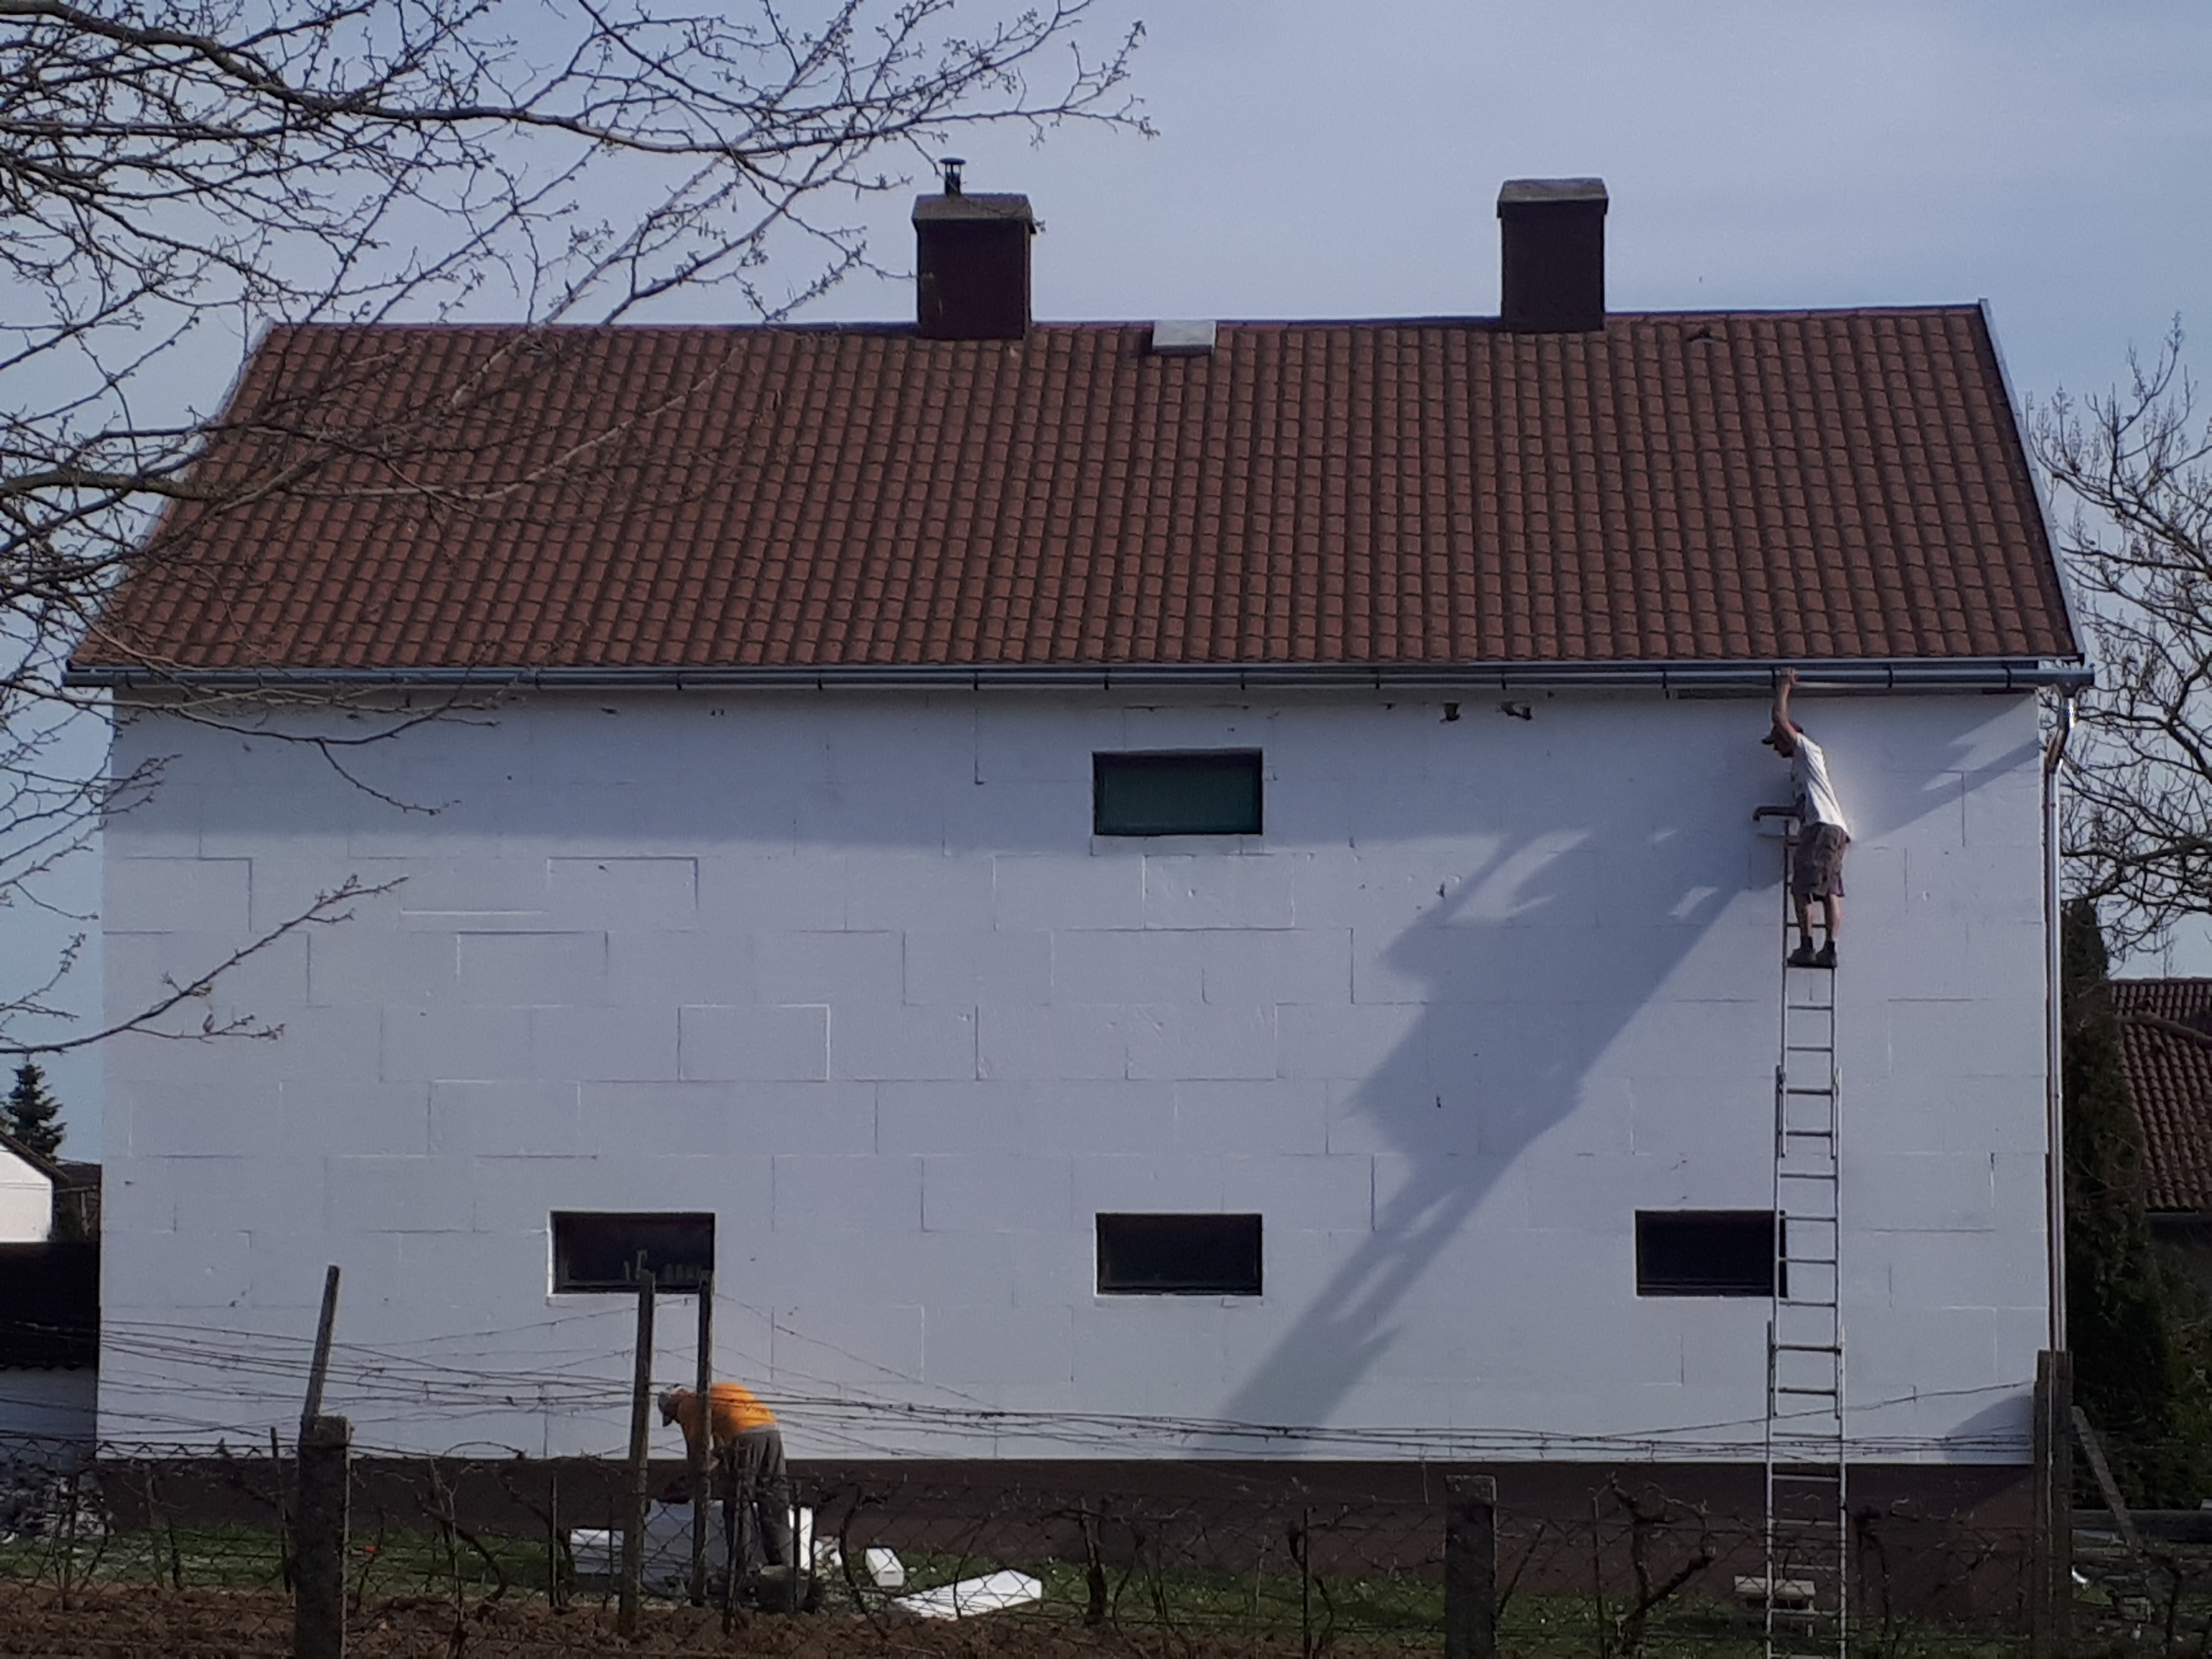 Palatető felújítás Komlóska, palatető szigetelés KomlóskaCsaládi ház palatető felújítása